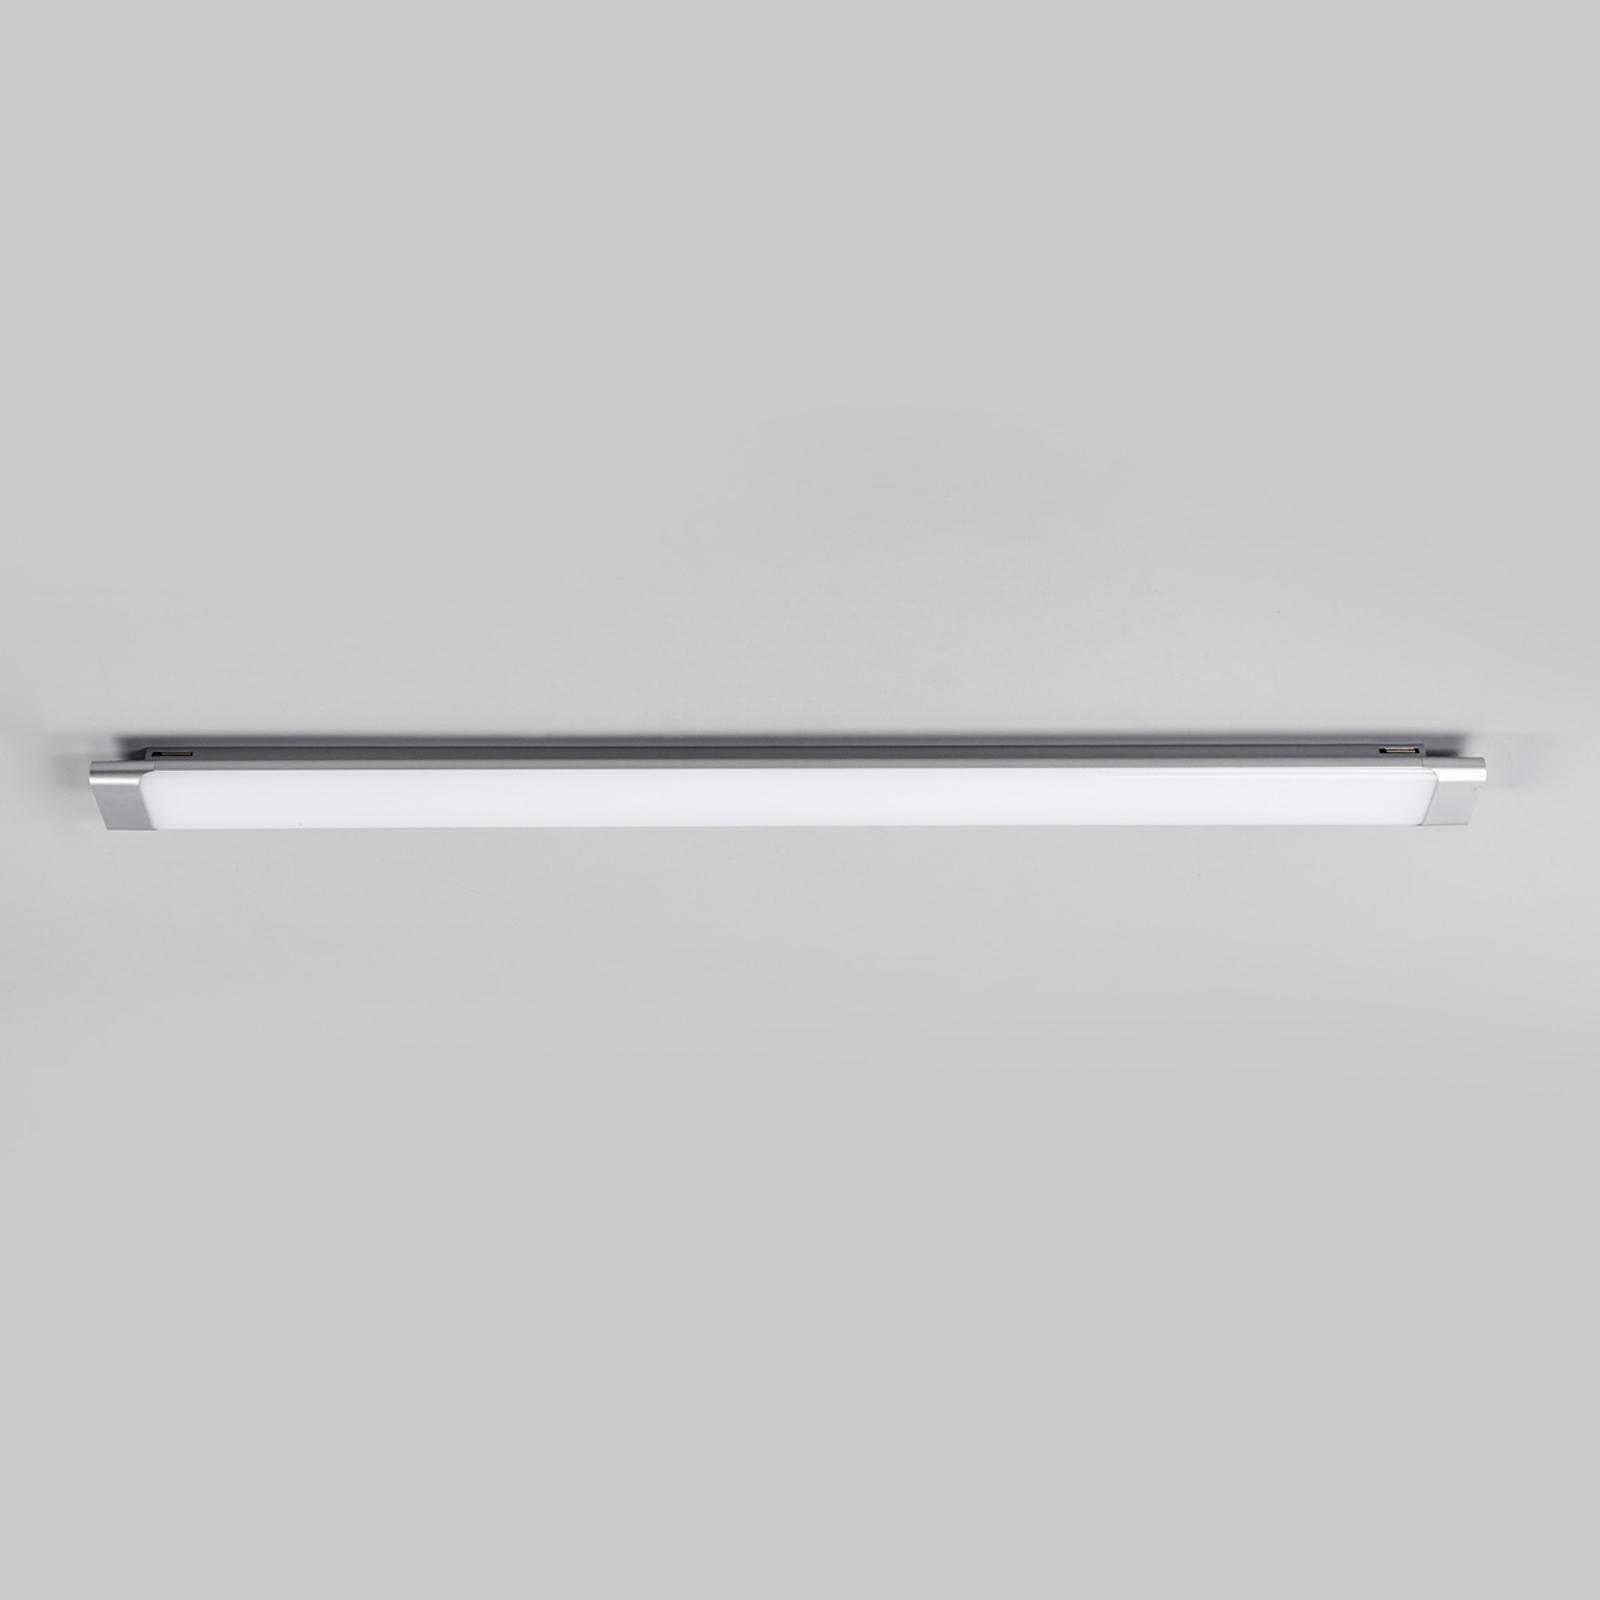 Vinca - LED-Deckenlampe, 120 cm